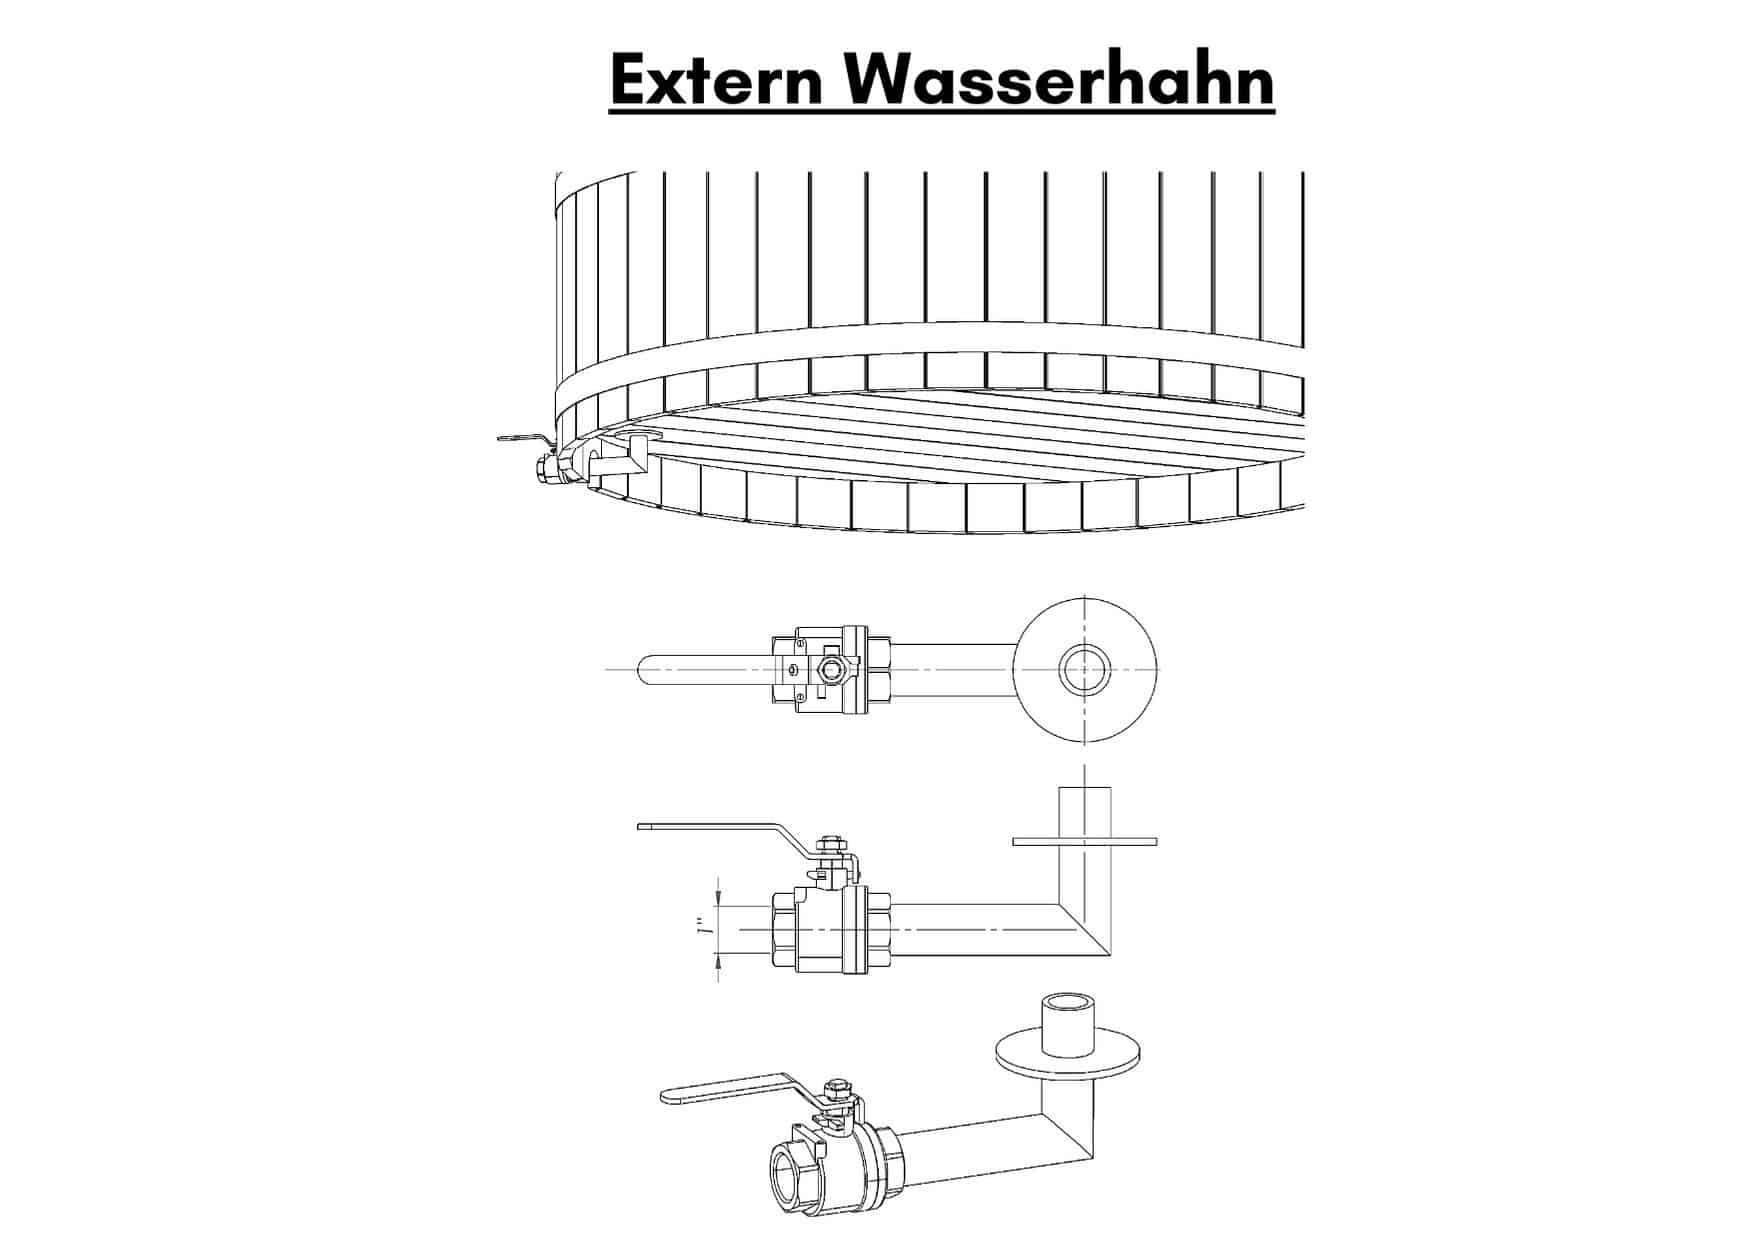 Extern Wasserhahn